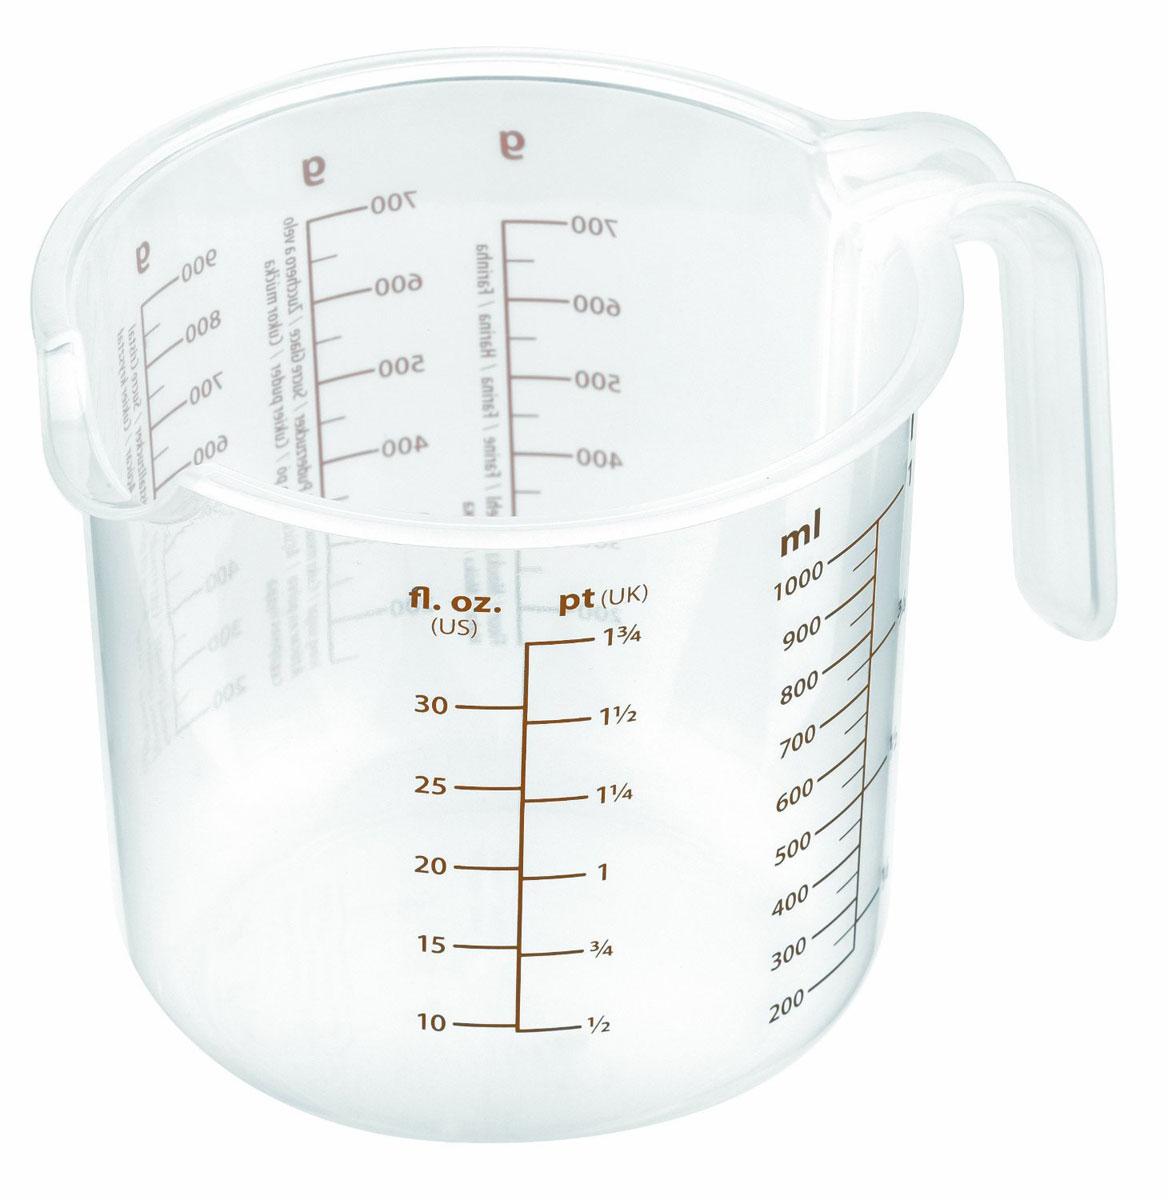 Емкость мерная Tescoma Delicia, 1 л630408Мерная емкость Tescoma Delicia выполнена из прозрачного пластика и оснащена удобной ручкой и носиком для слива жидкости. На стенке кружки имеются отдельные мерные шкалы. Такая емкость пригодится на каждой кухне, ведь зачастую приготовление некоторых блюд требует известной точности. Диаметр емкости (по верхнему краю): 12 см. Высота емкости: 12 см.